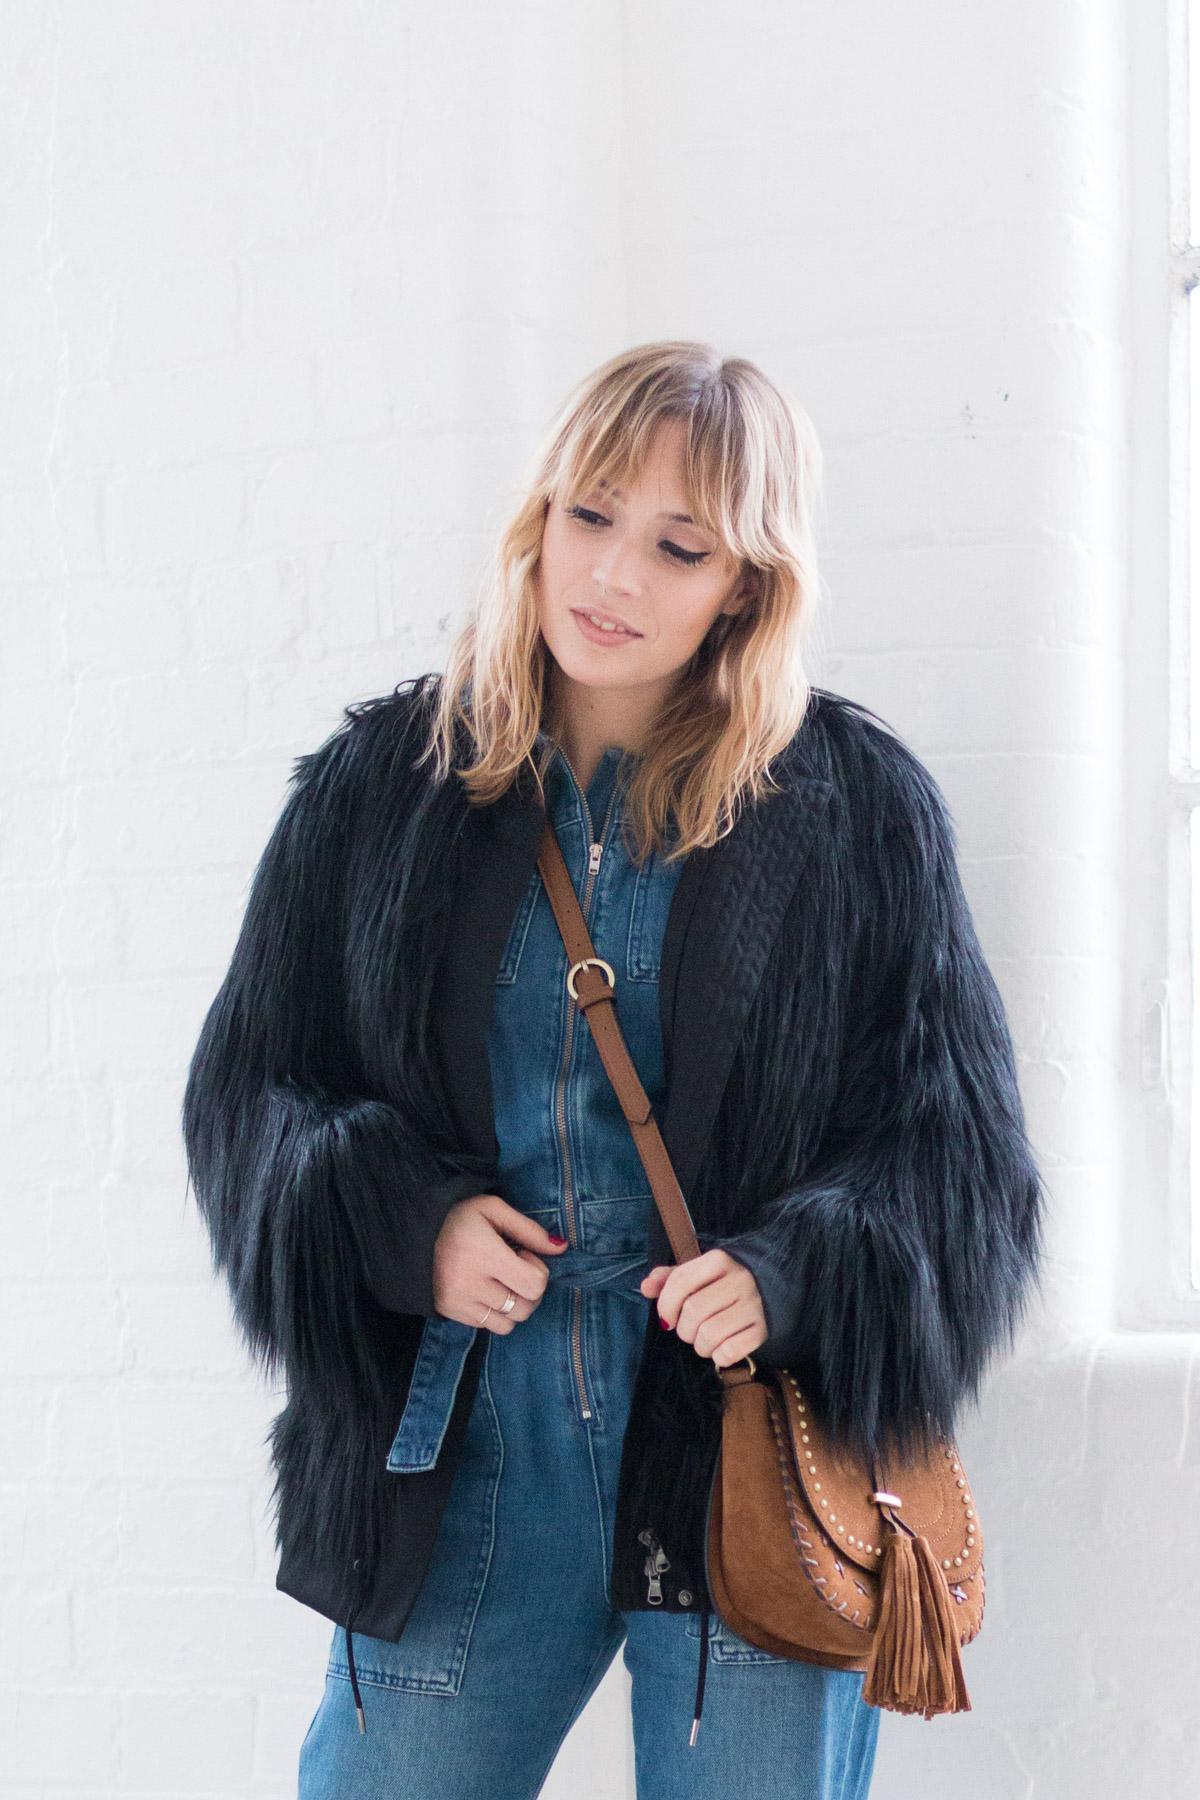 Combinaison en jean et manteau fausse fourrure I Sp4nkblog-3